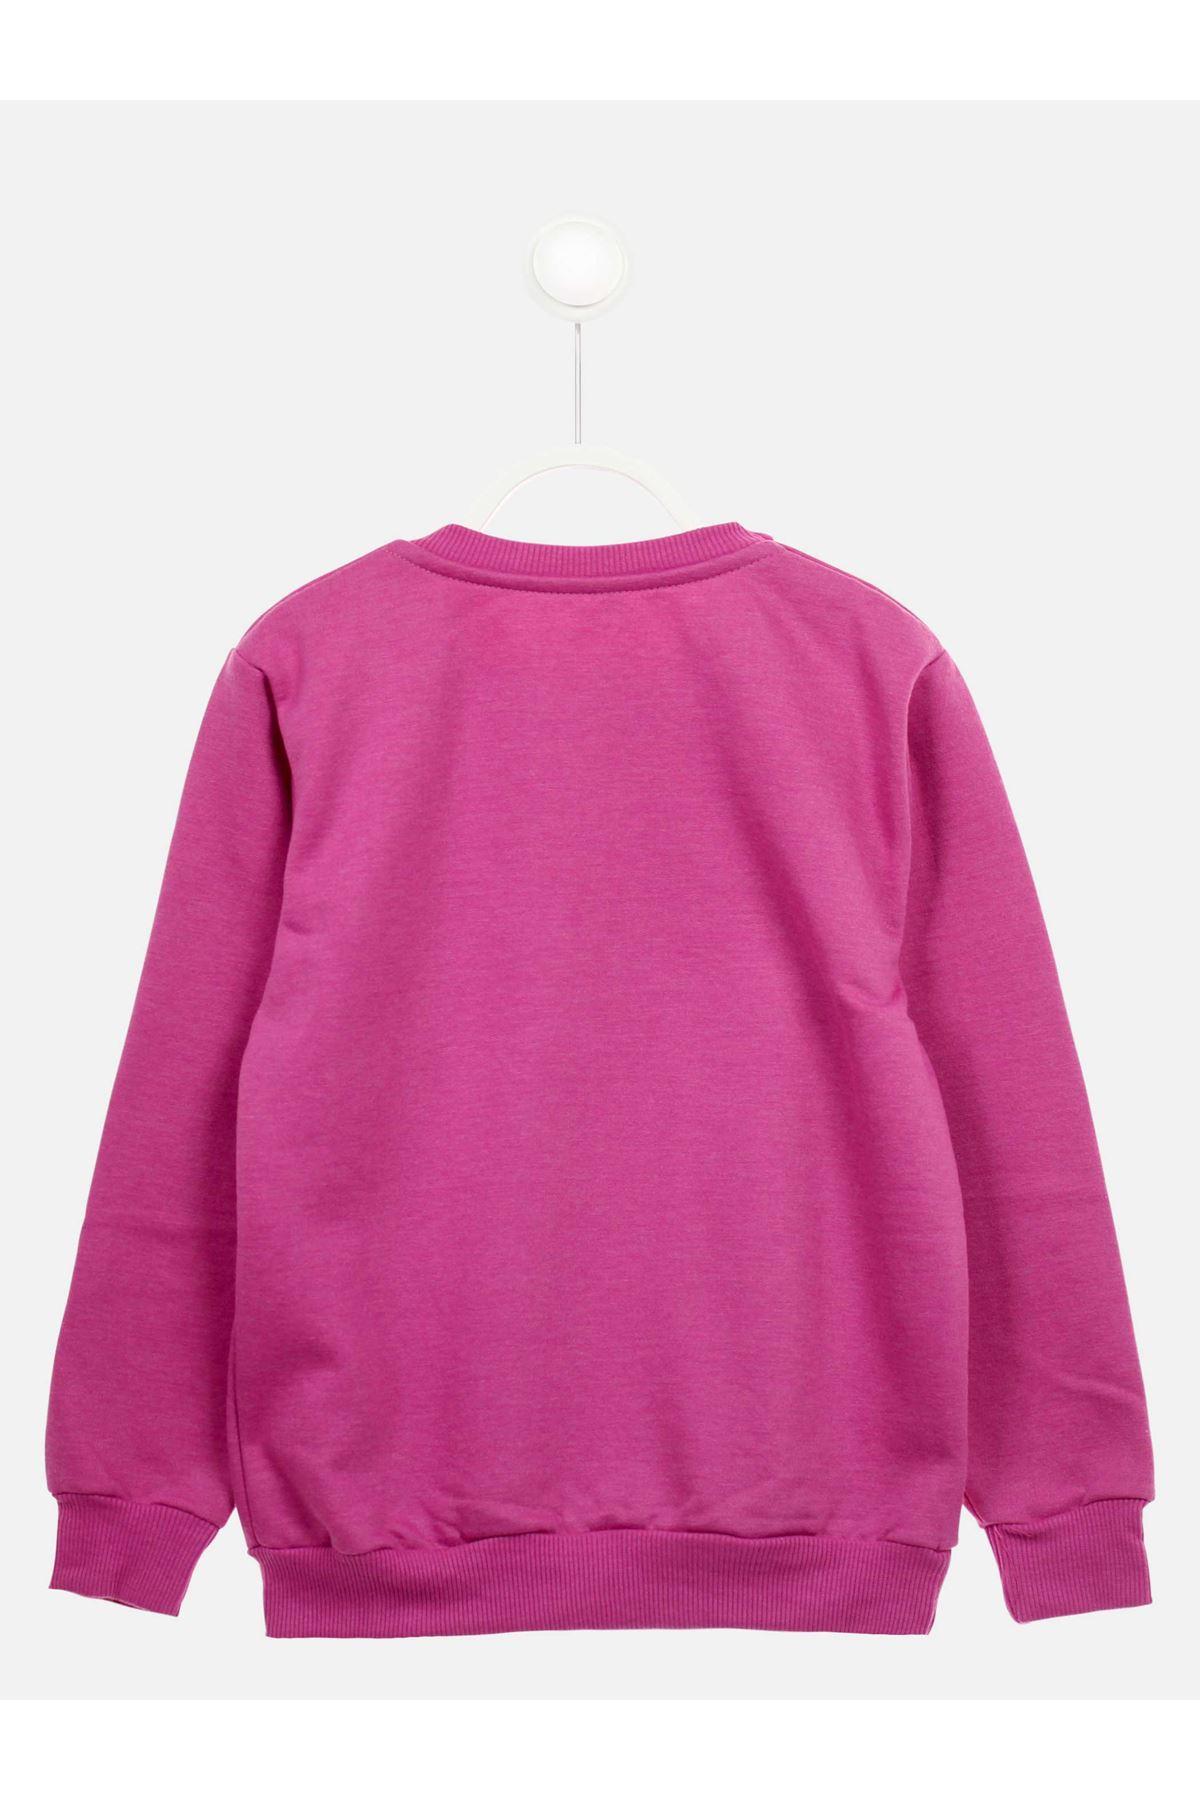 Lilac Seasonal Girl Child Sweatshirt